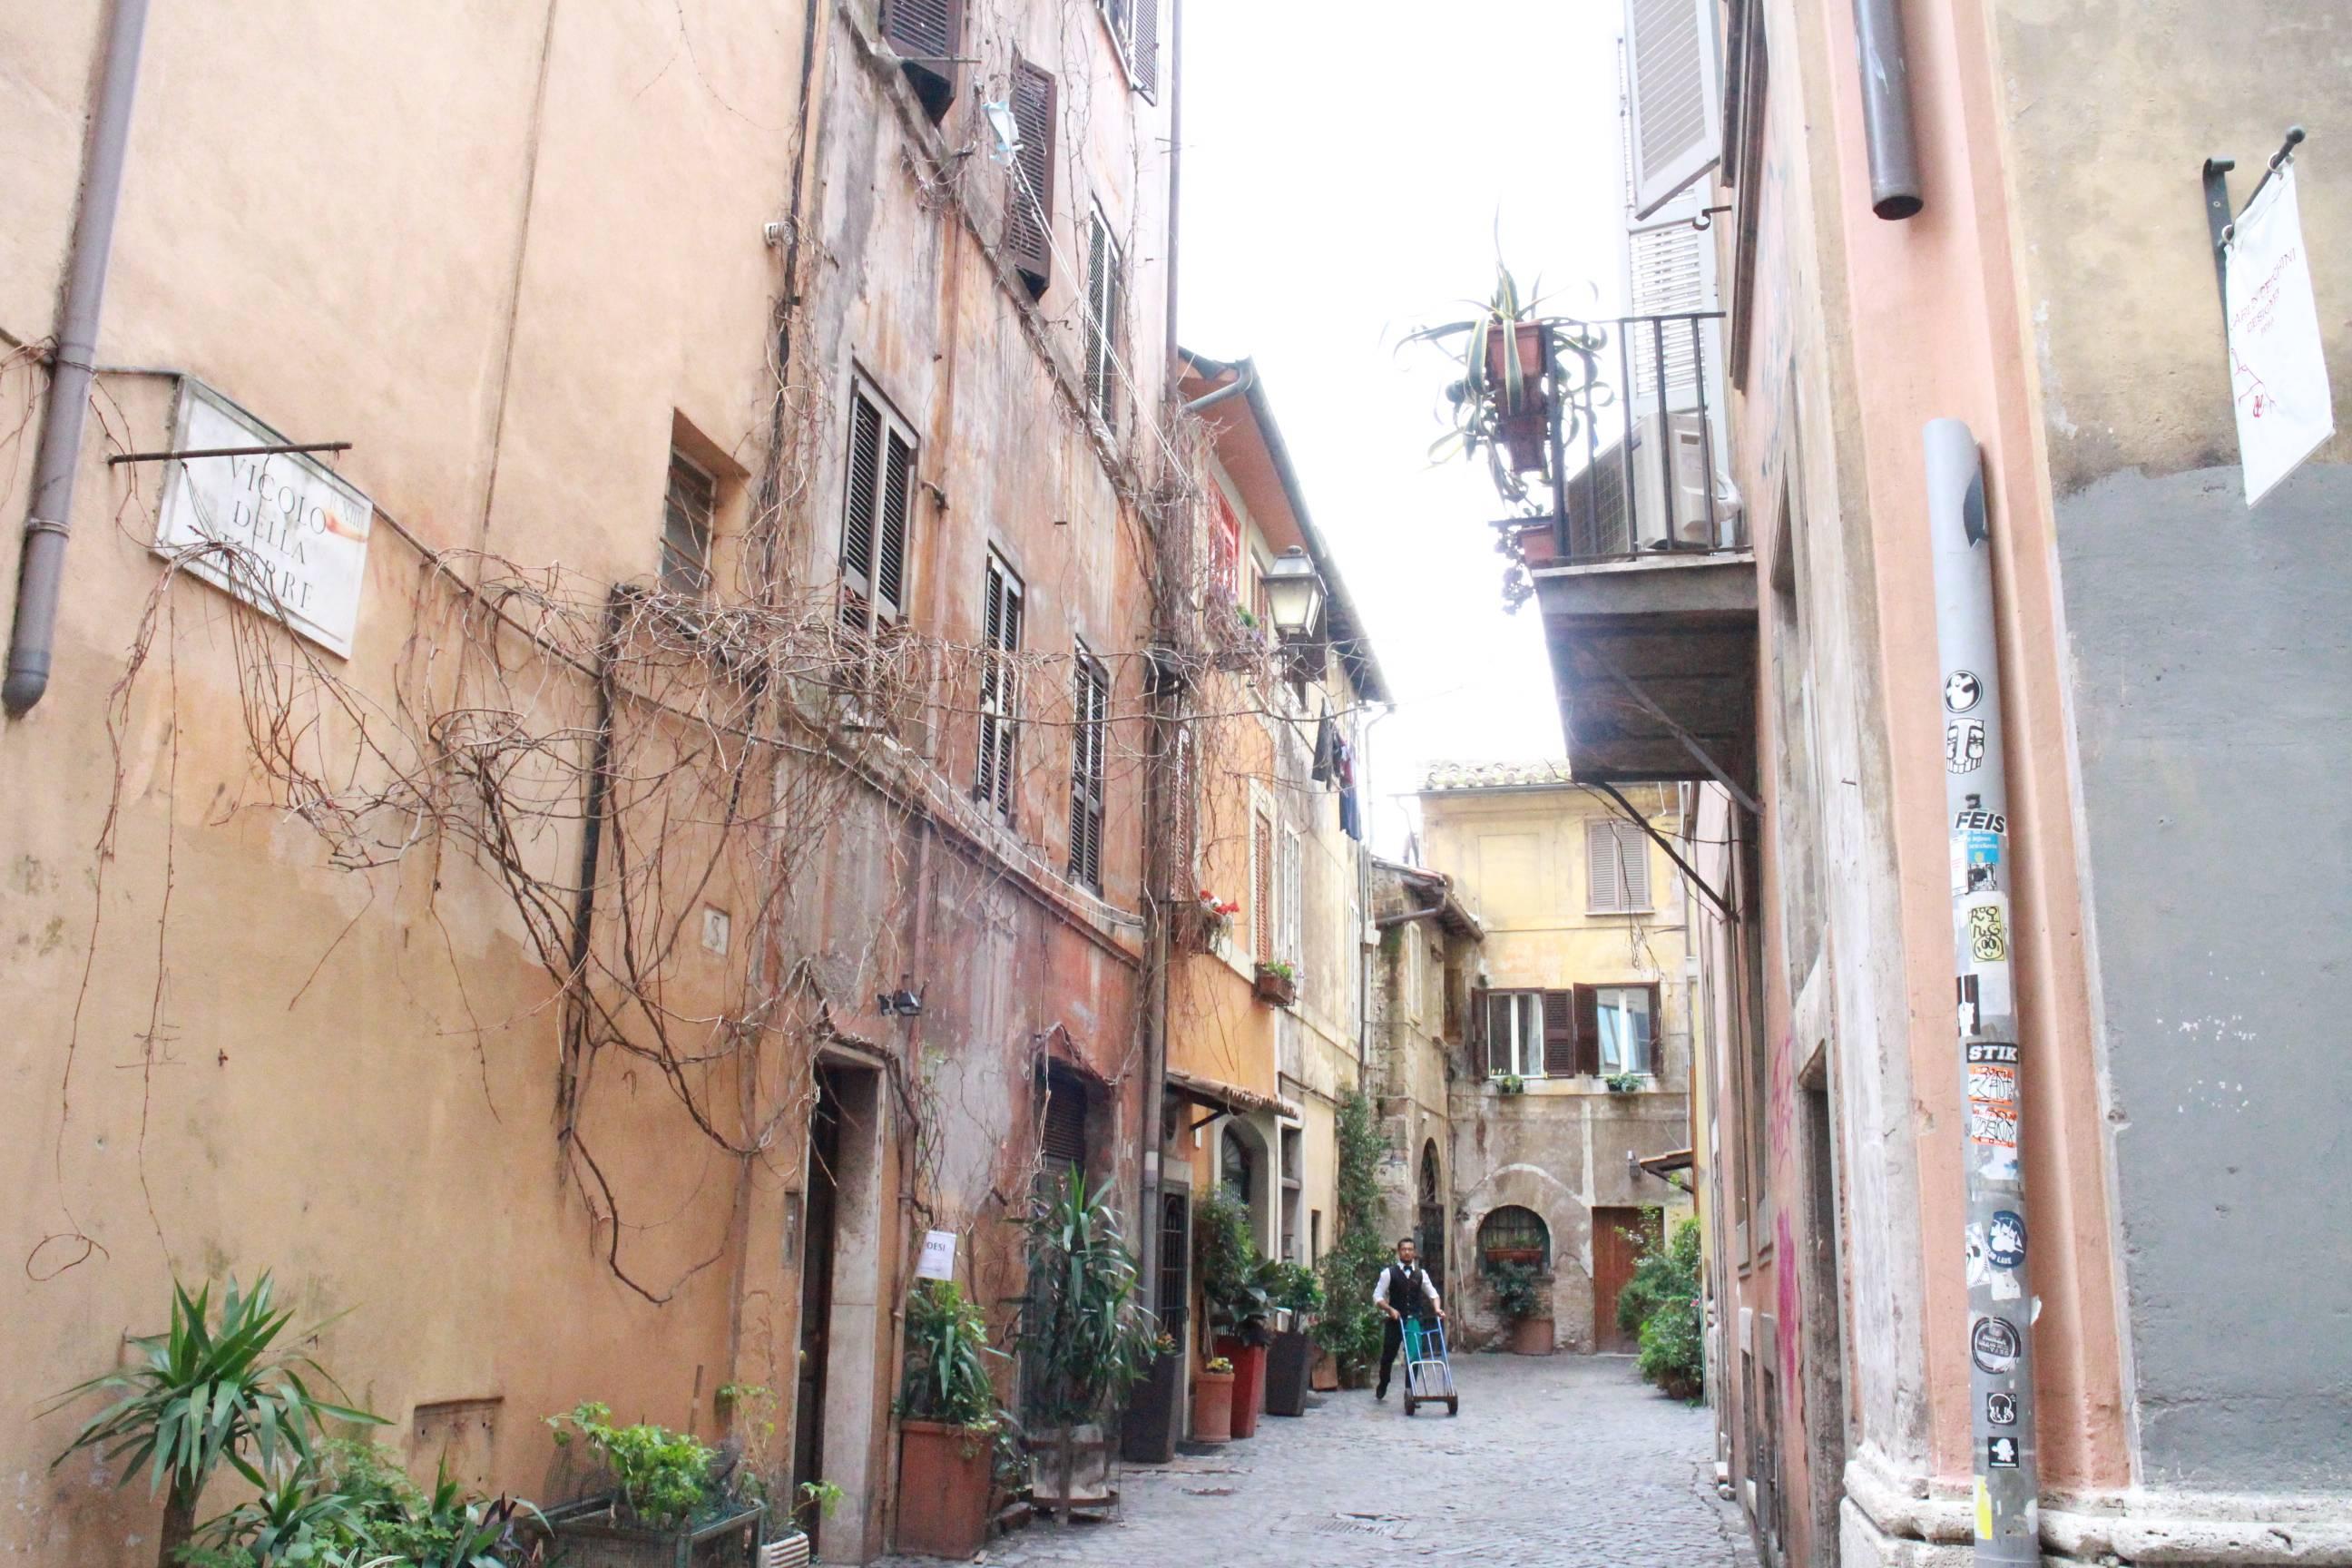 Photo 3: Notre rue coup de coeur : la via della Lungaretta